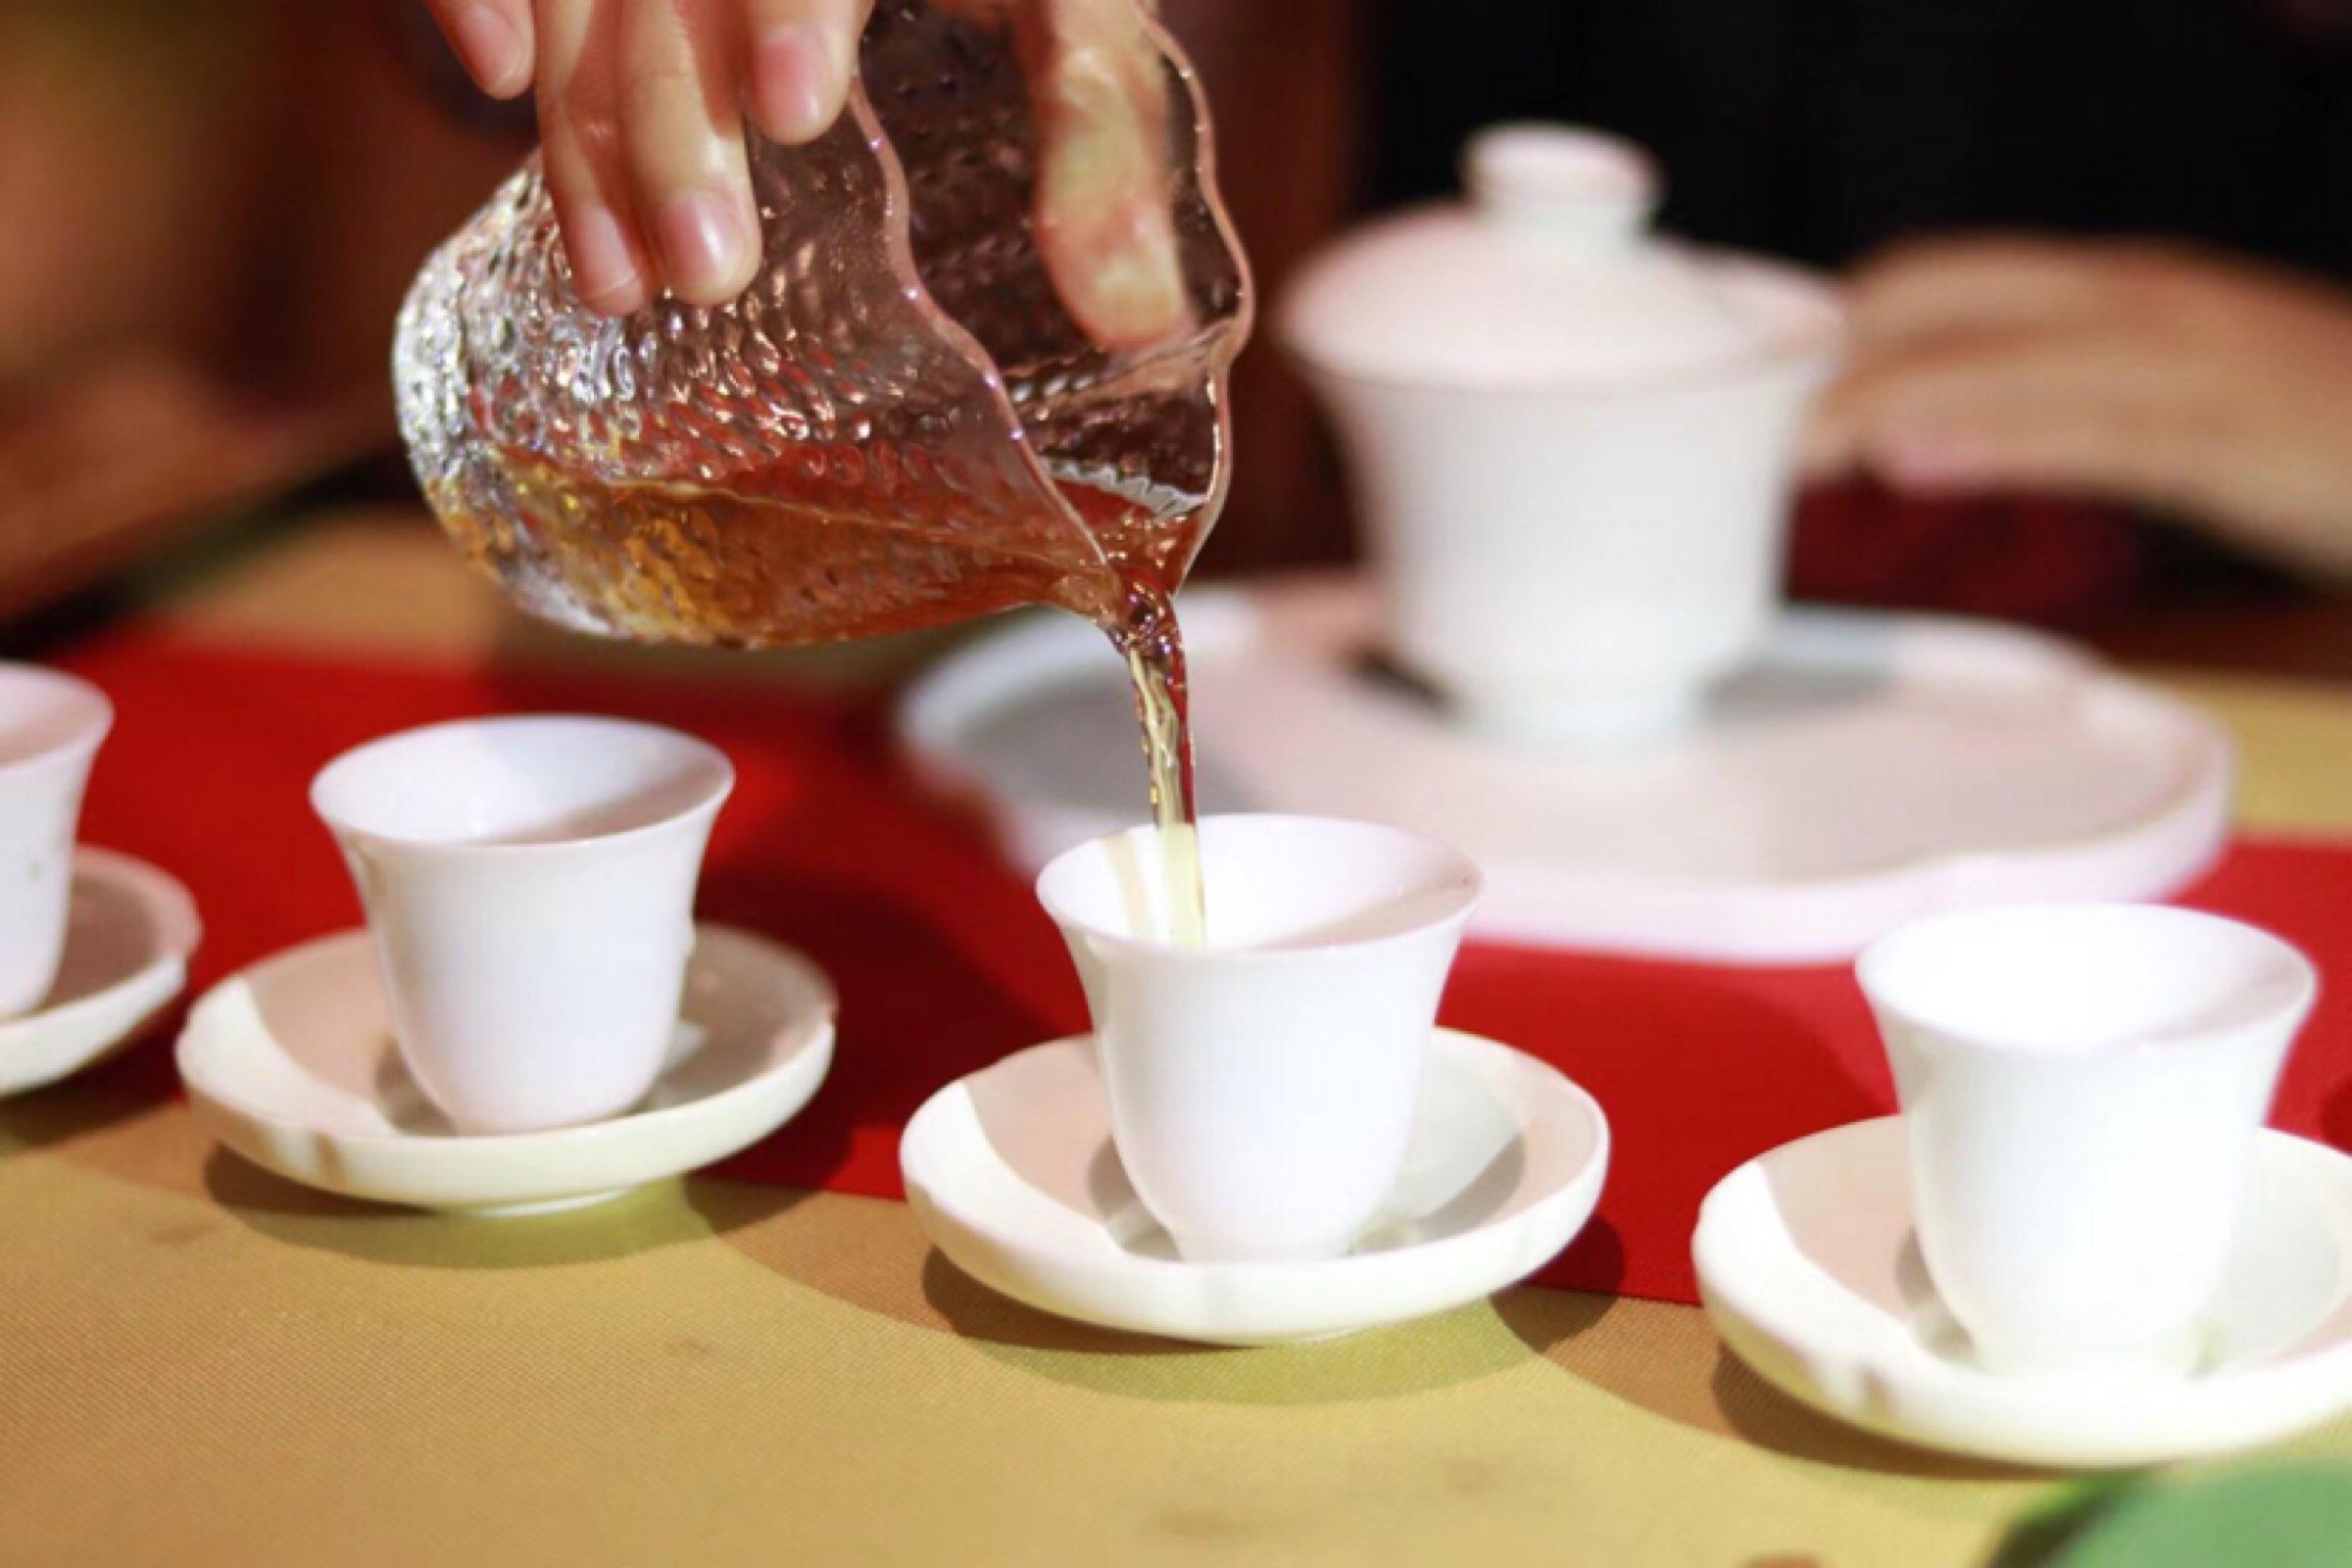 武夷岩茶冲泡方法